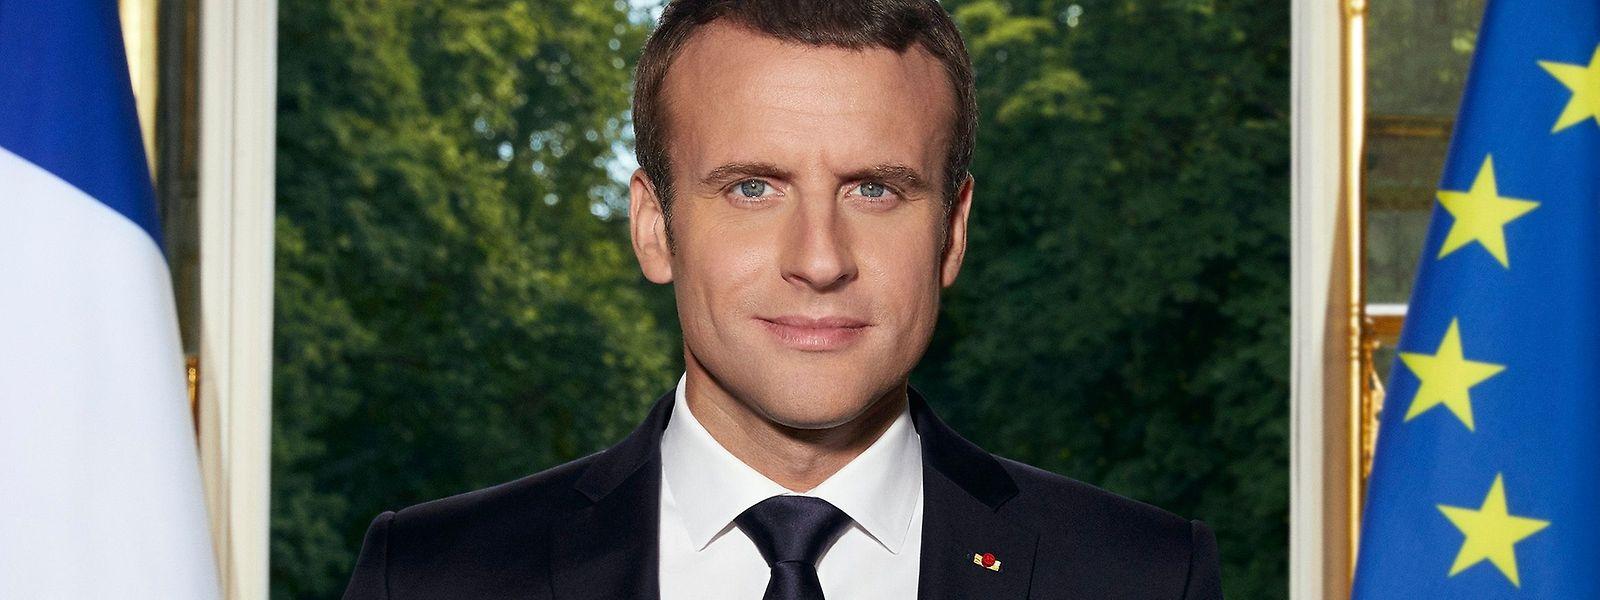 Emmanuel Macron ist der erste französische Präsident, der sein offizielles Porträt über Twitter veröffentlichte.